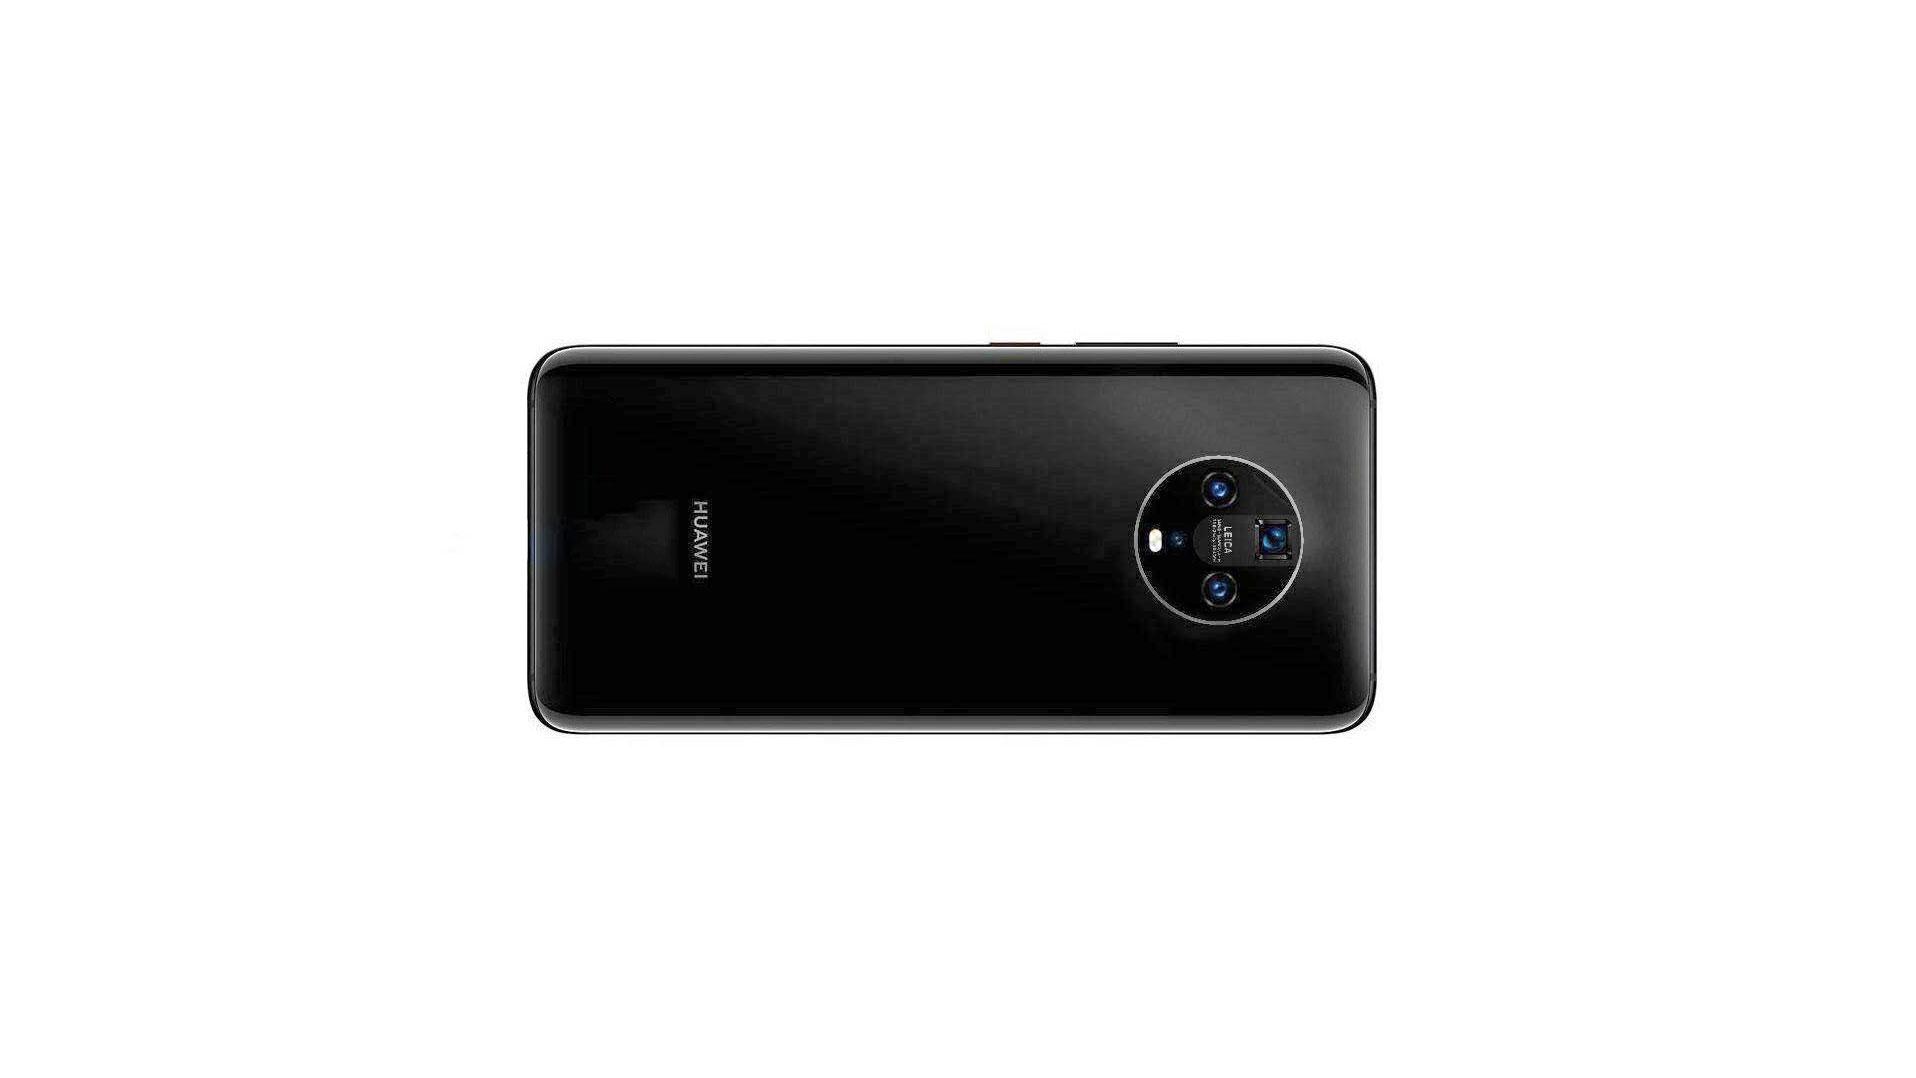 طراحی دوربین چهارگانه هواوی میت ۳۰ (Huawei Mate 30) دایره ای است!